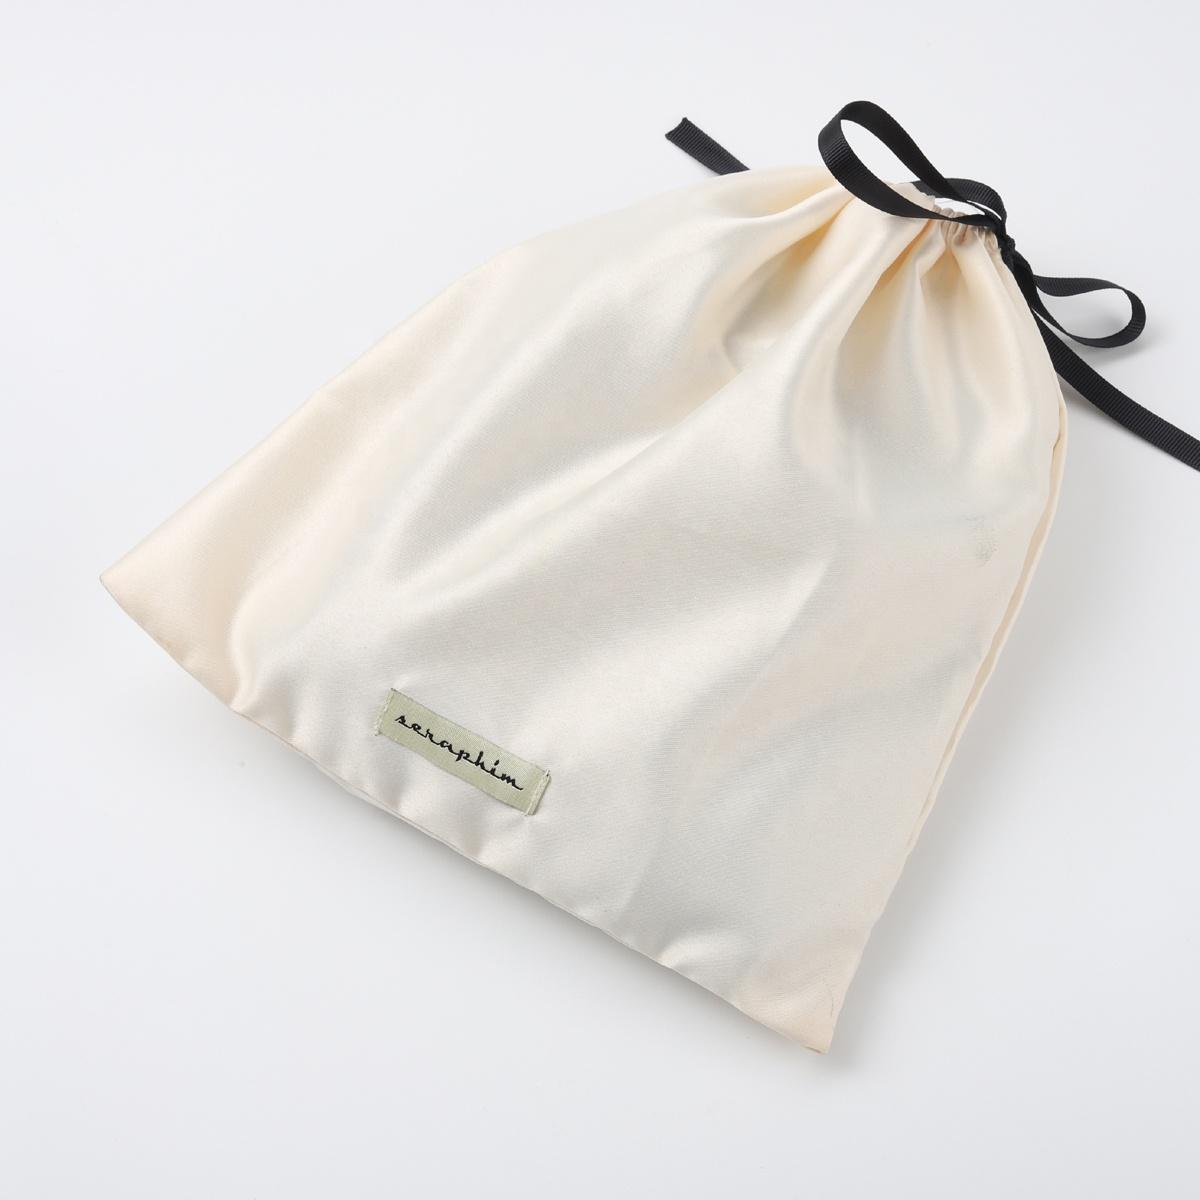 Индивидуальный атласный Подарочный Сумочка, Плотная матовая атласная сумочка на шнурке